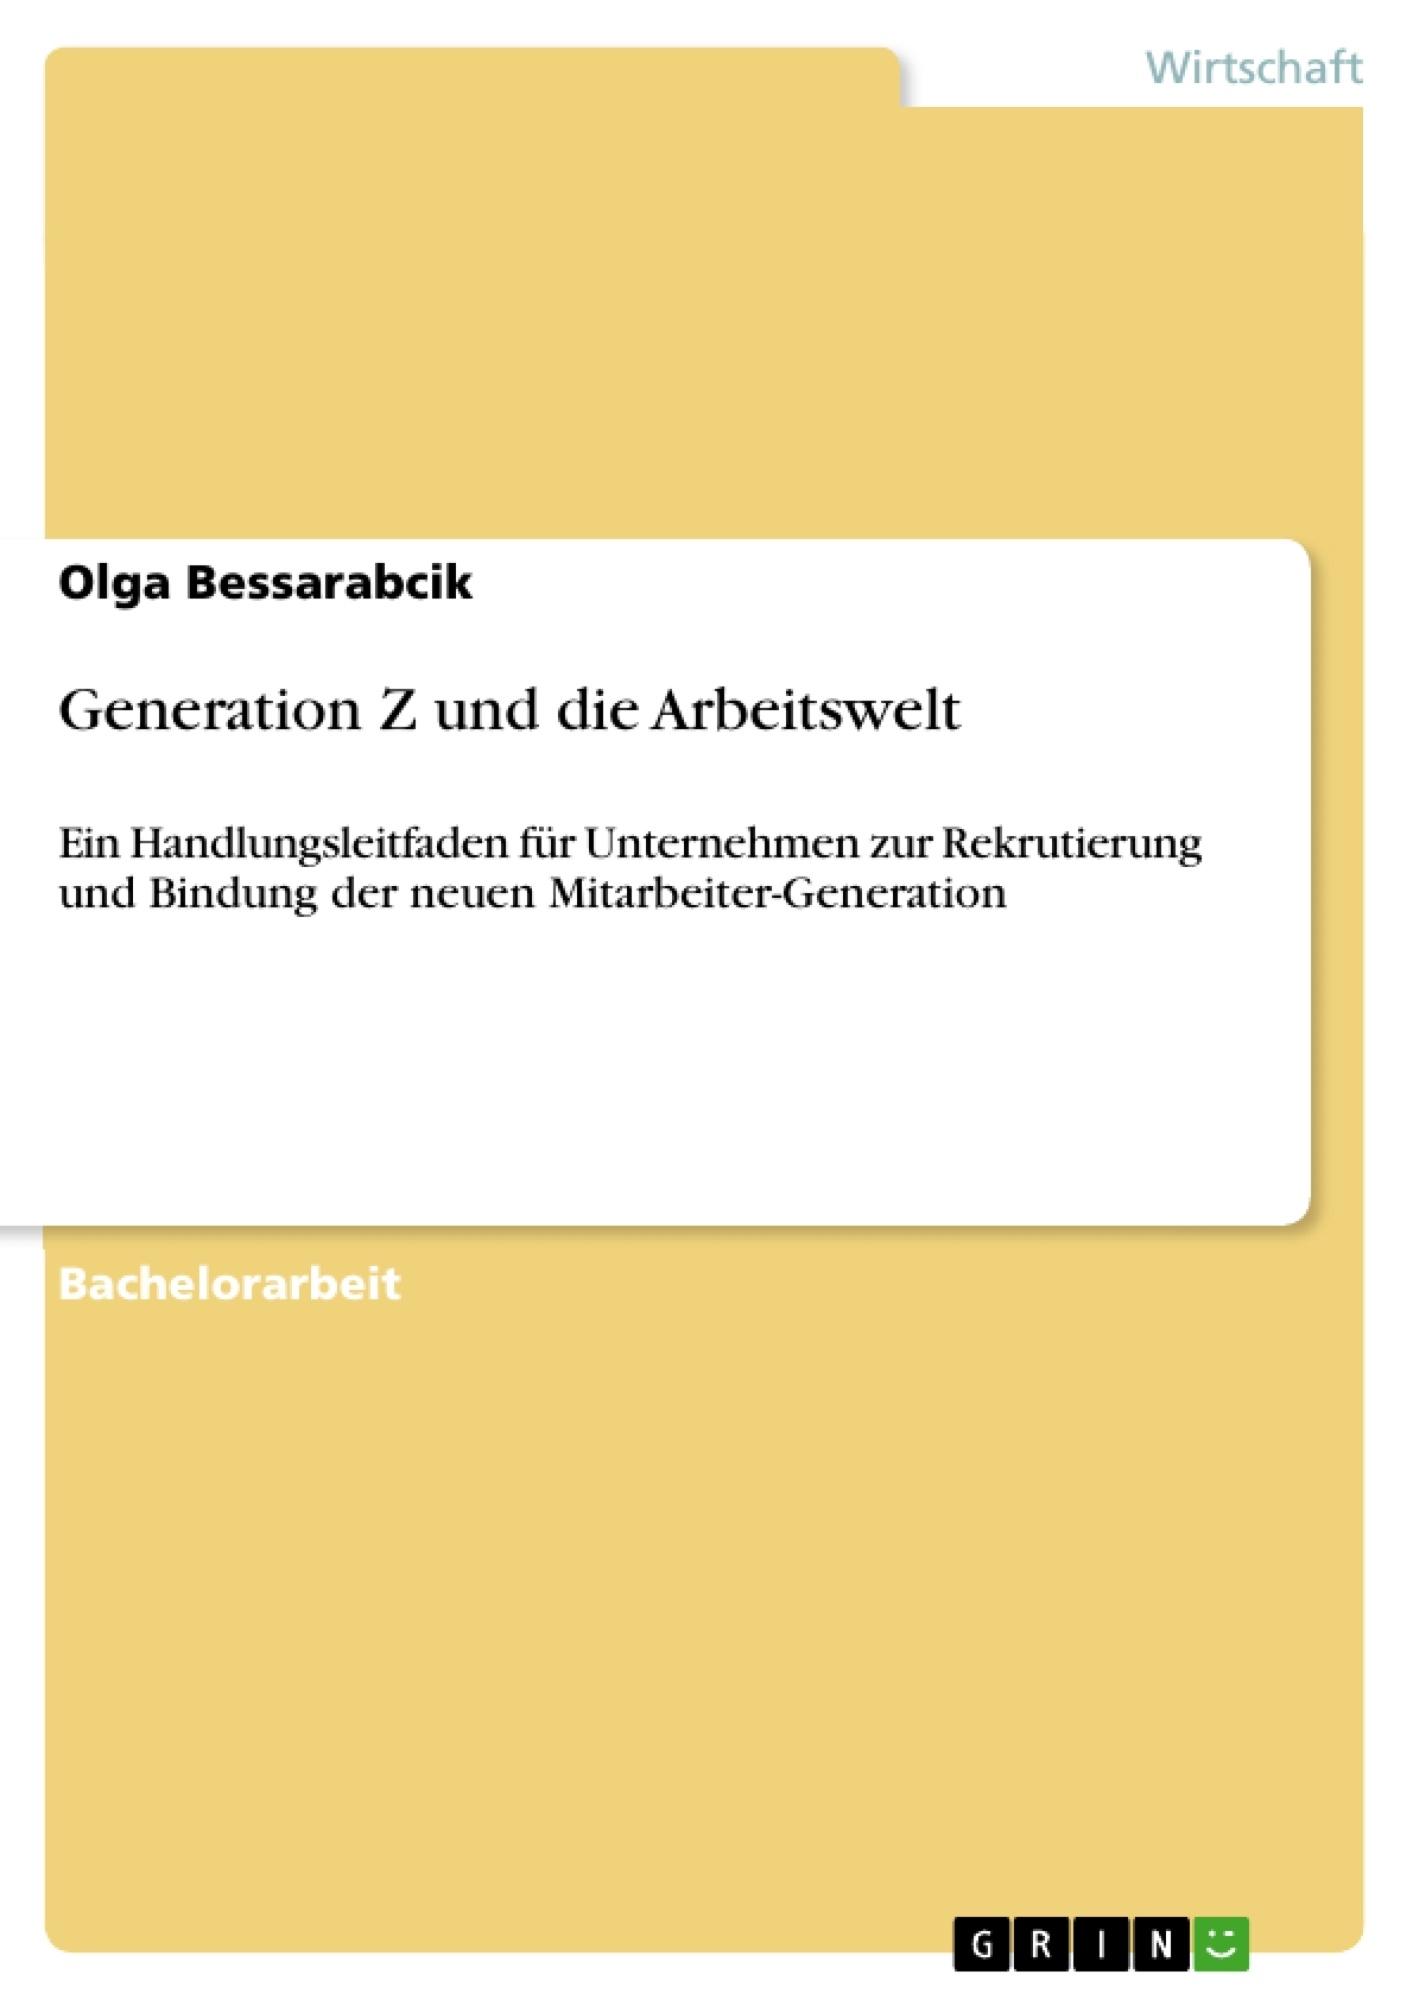 Titel: Generation Z und die Arbeitswelt